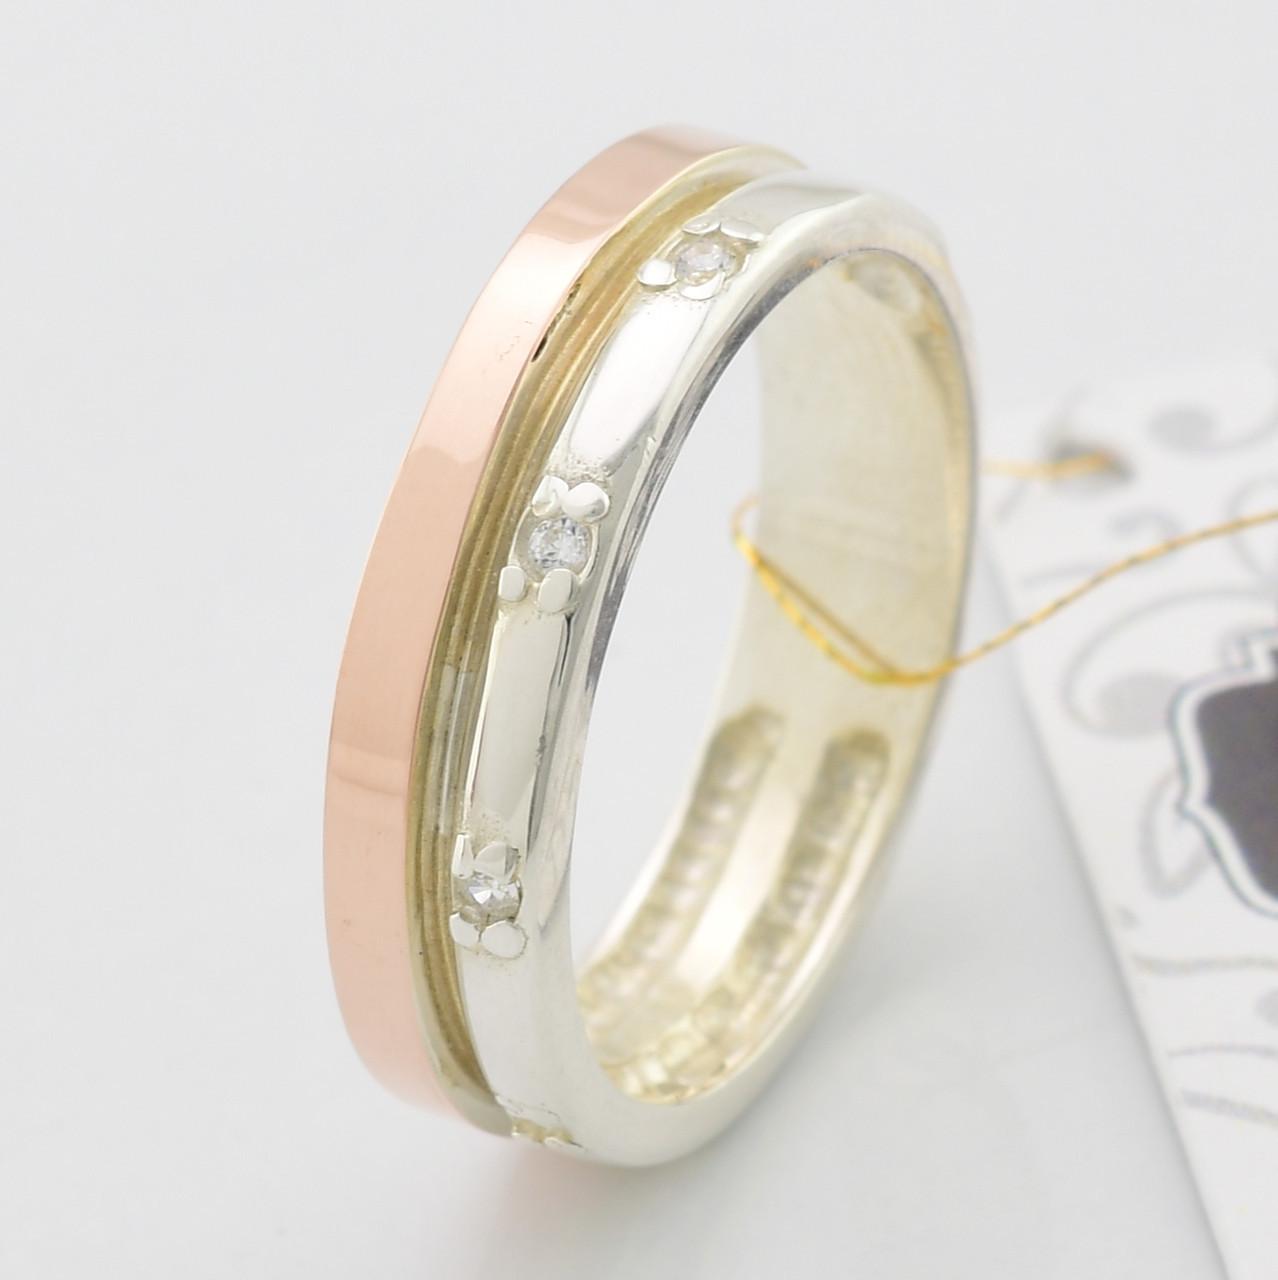 Серебряное кольцо с золотыми пластинами, вставка белые фианиты, вес 3.2 г, размер 18